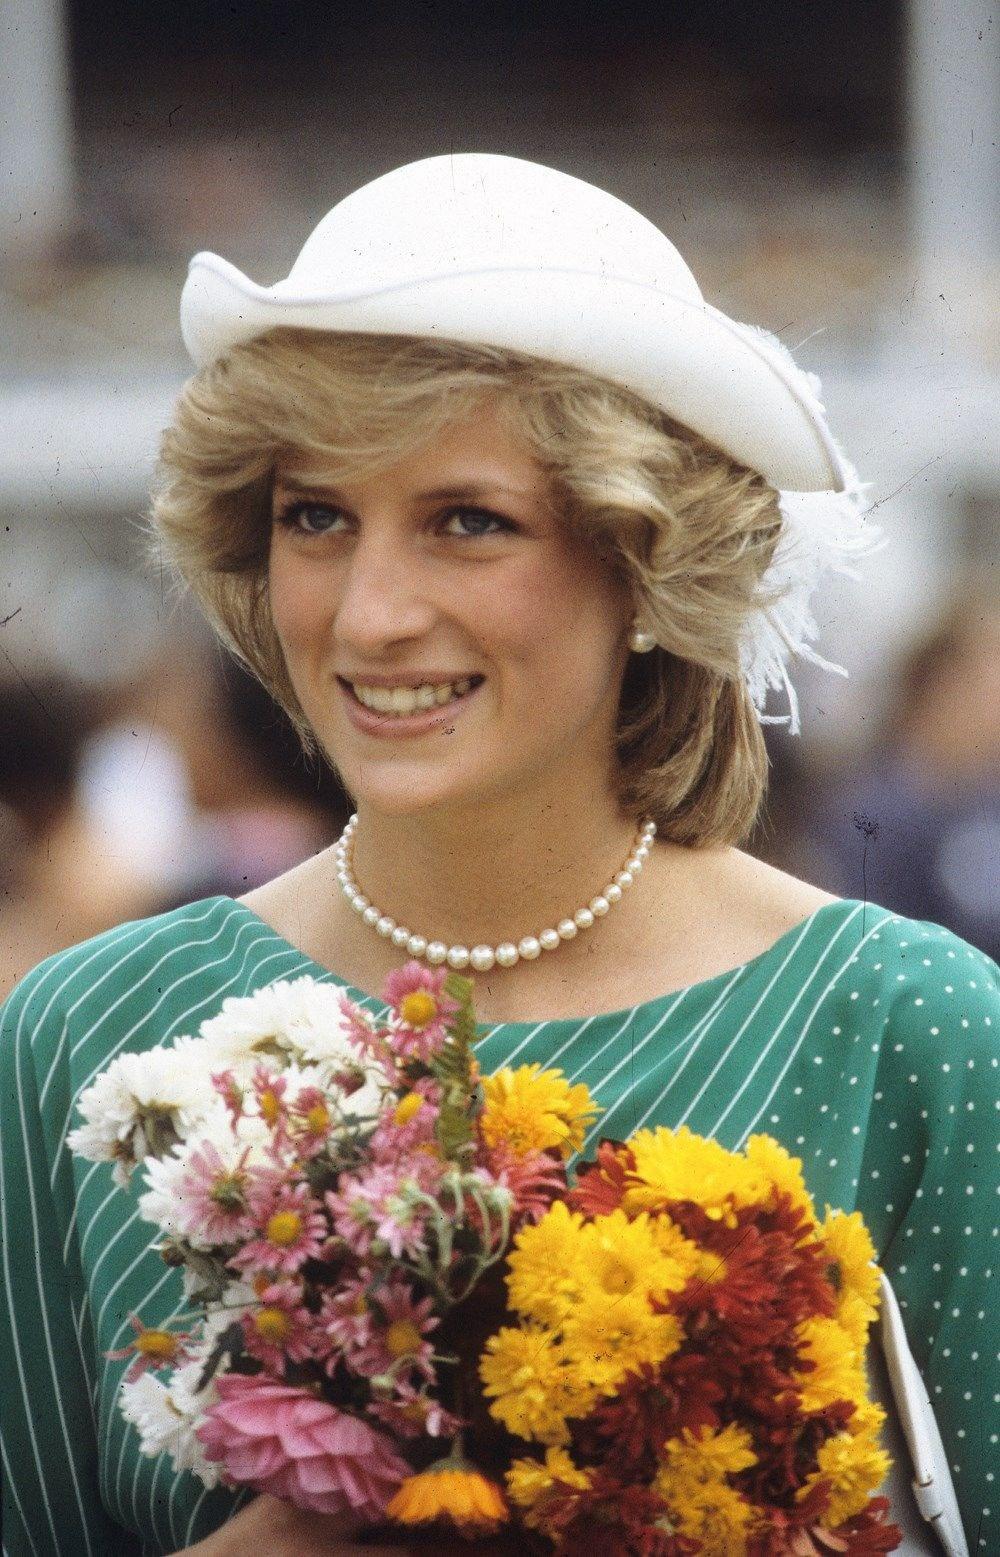 Prenses Diana röportajıyla ilgili yalan 25 yıl sonra ortaya çıktı - 6